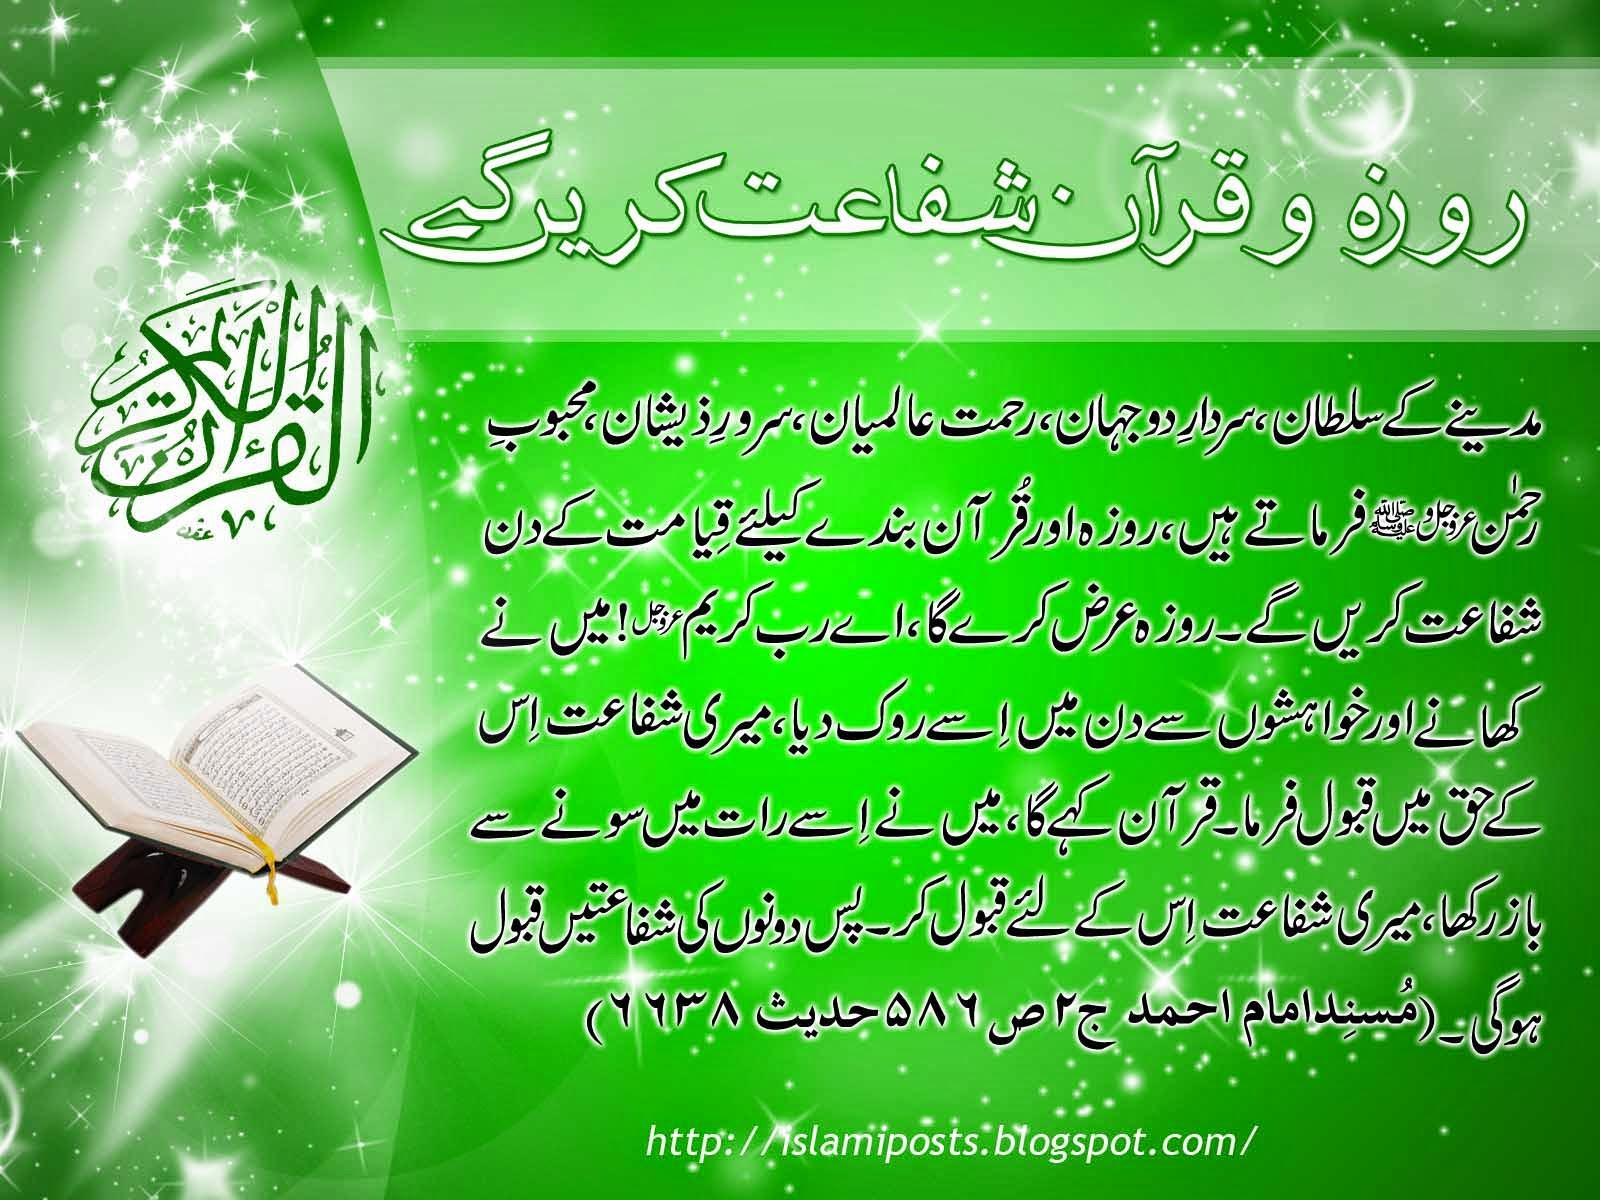 http://islamiposts.blogspot.com